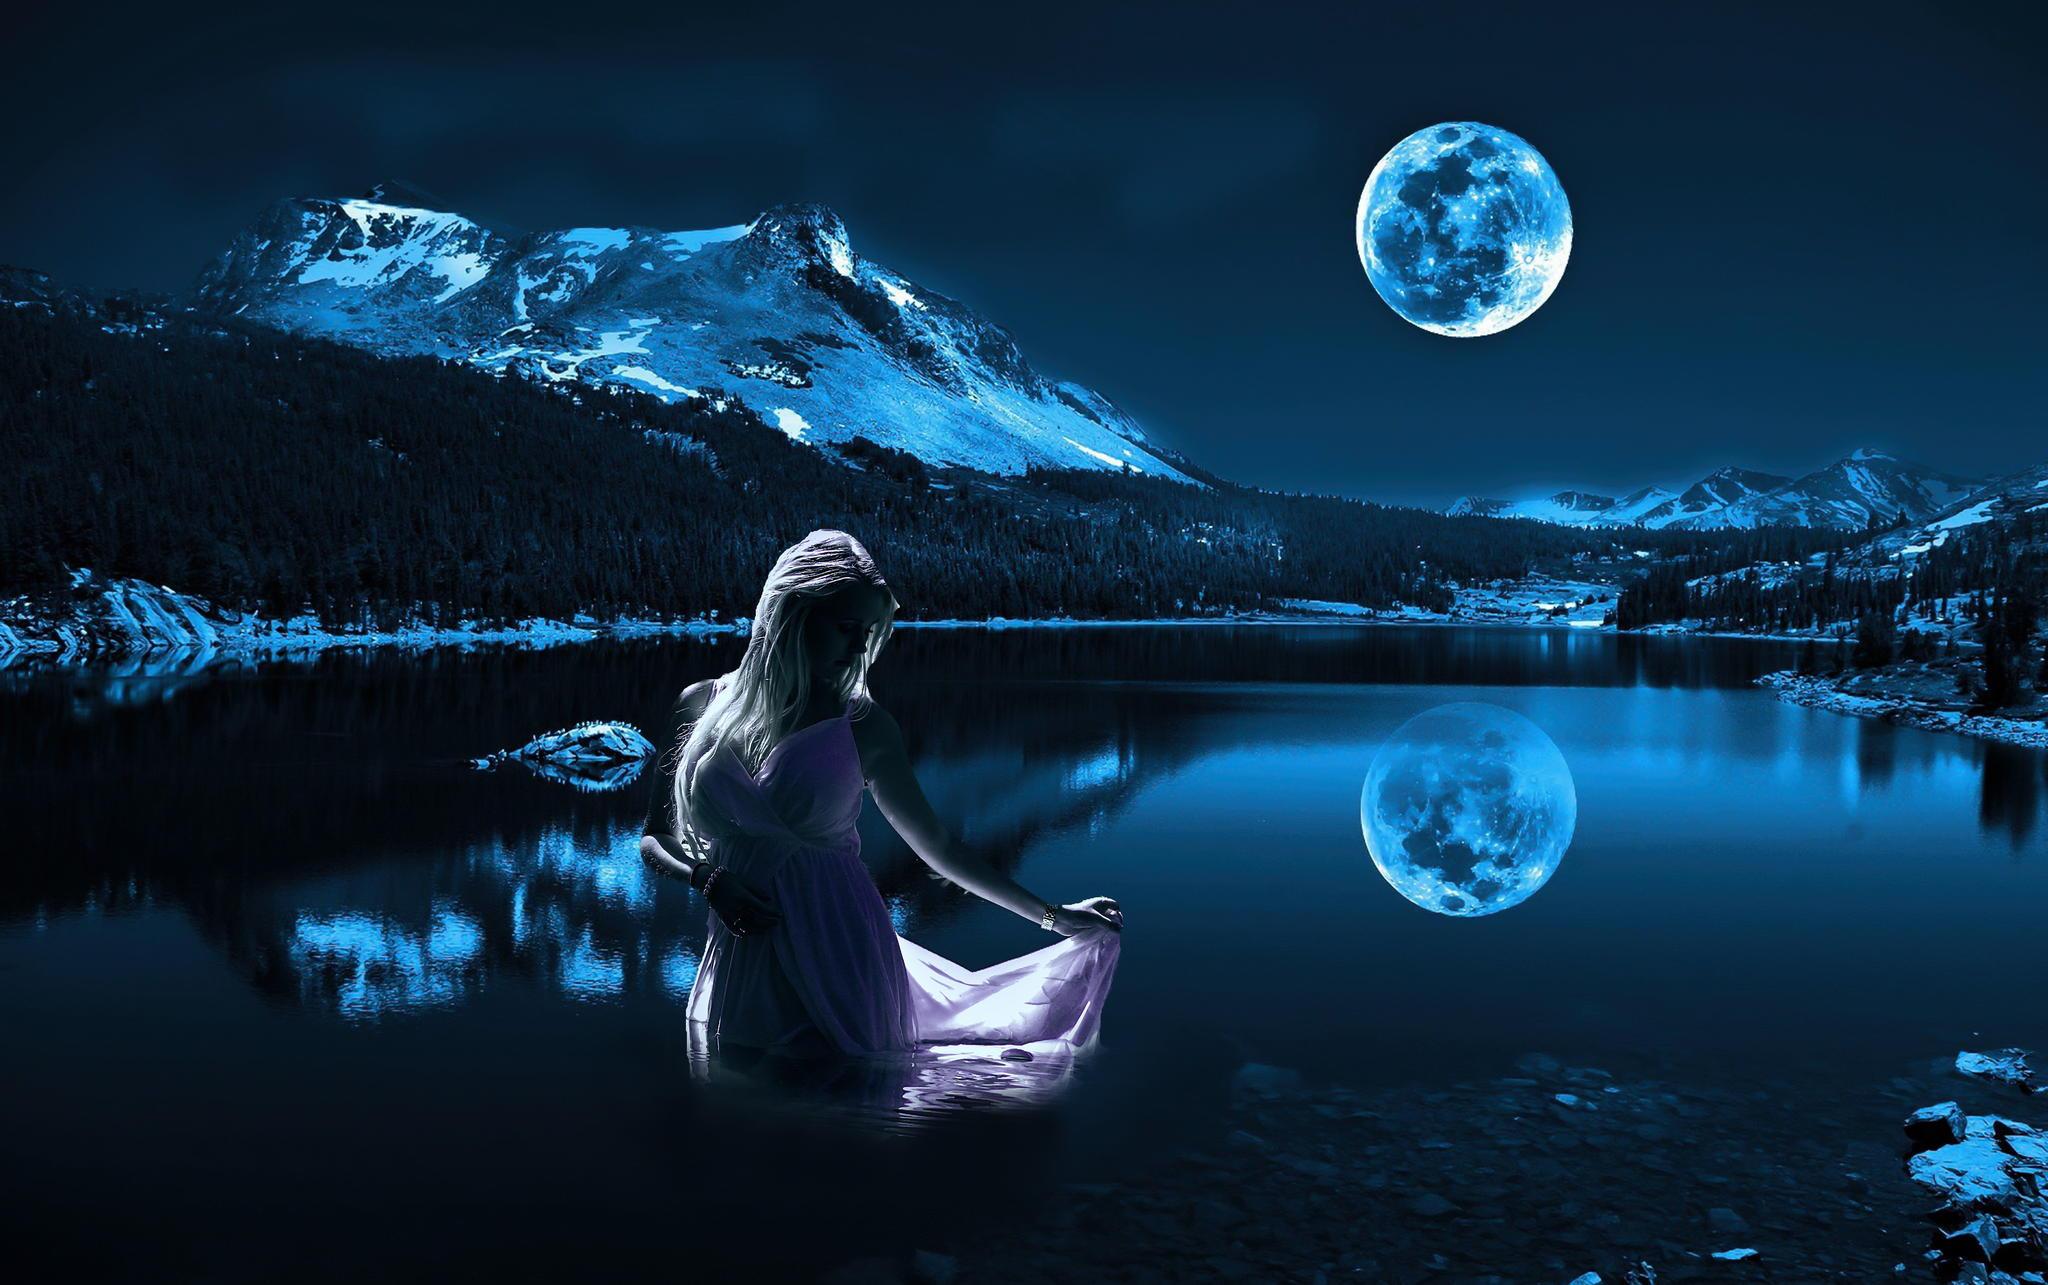 Лунная зимняя ночь картинки первую